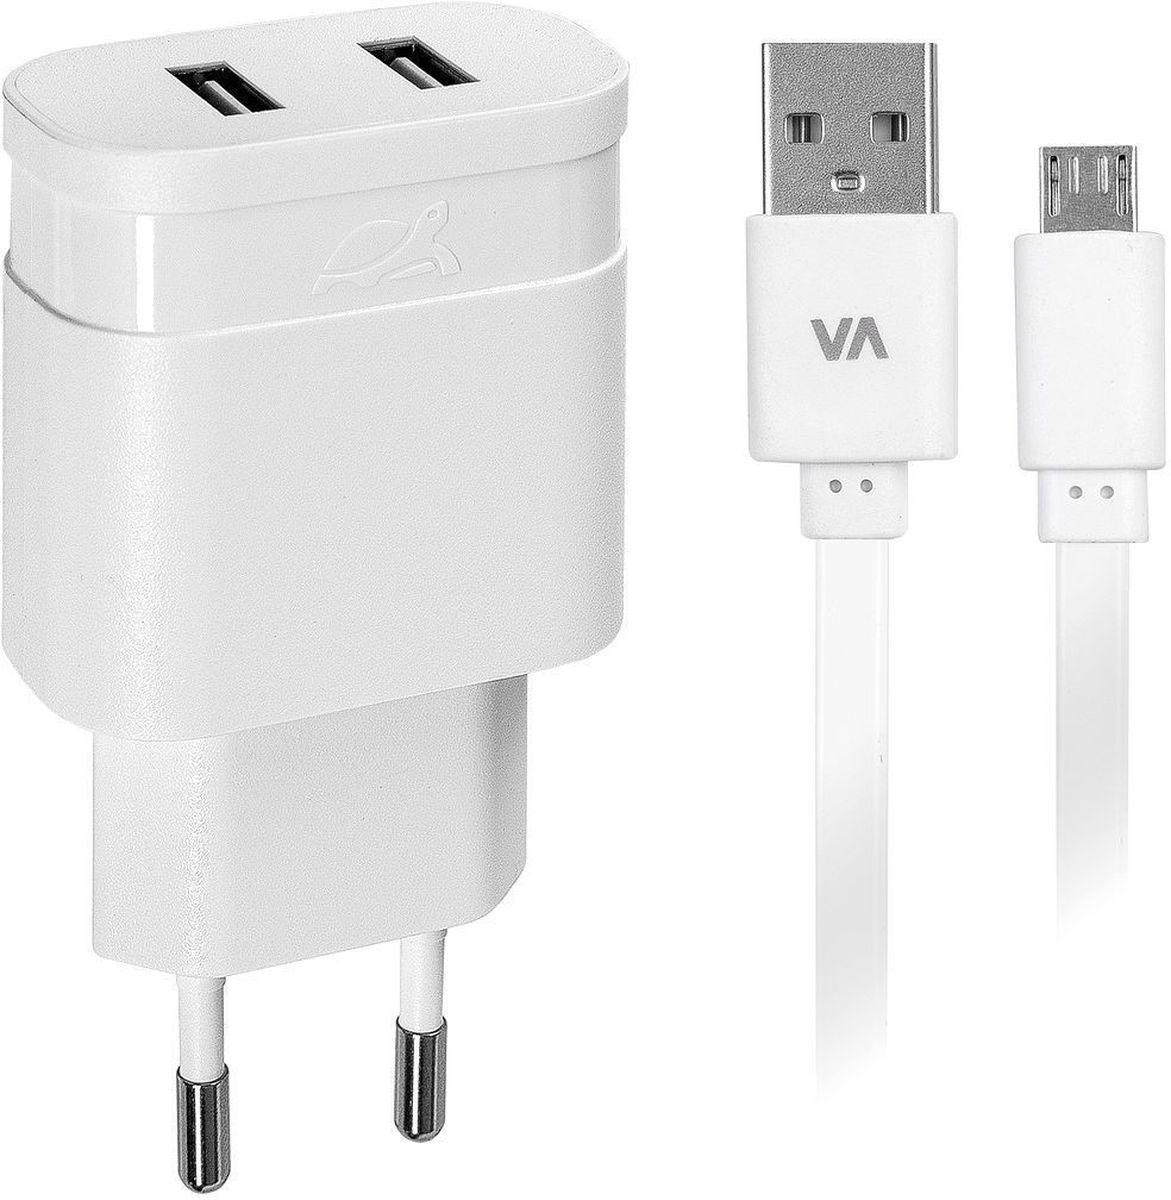 Rivapower VA4122 WD1, White сетевое зарядное устройствоVA4122 WD1Универсальное сетевое зарядное устройство Rivapower VA4122 WD1 совместимо со всеми устройствами, использующими USB порт для зарядки своих аккумуляторов. Позволяет заряжать 2 устройства одновременно, занимая всего одну розетку. Высококачественные компоненты, встроенные фильтры, защита от скачков напряжения, защита от перегрузки, перегрева и короткого замыкания делают процесс зарядки быстрым, эффективным и безопасным. Корпус сделан из негорючего пластика устойчивого к механическим повреждениям. Компактные размеры зарядного устройства позволяют свободно пользоваться соседними розетками и делают его очень удобным в поездках. В комплект входит дата-кабель microUSB длиной 1 метр.